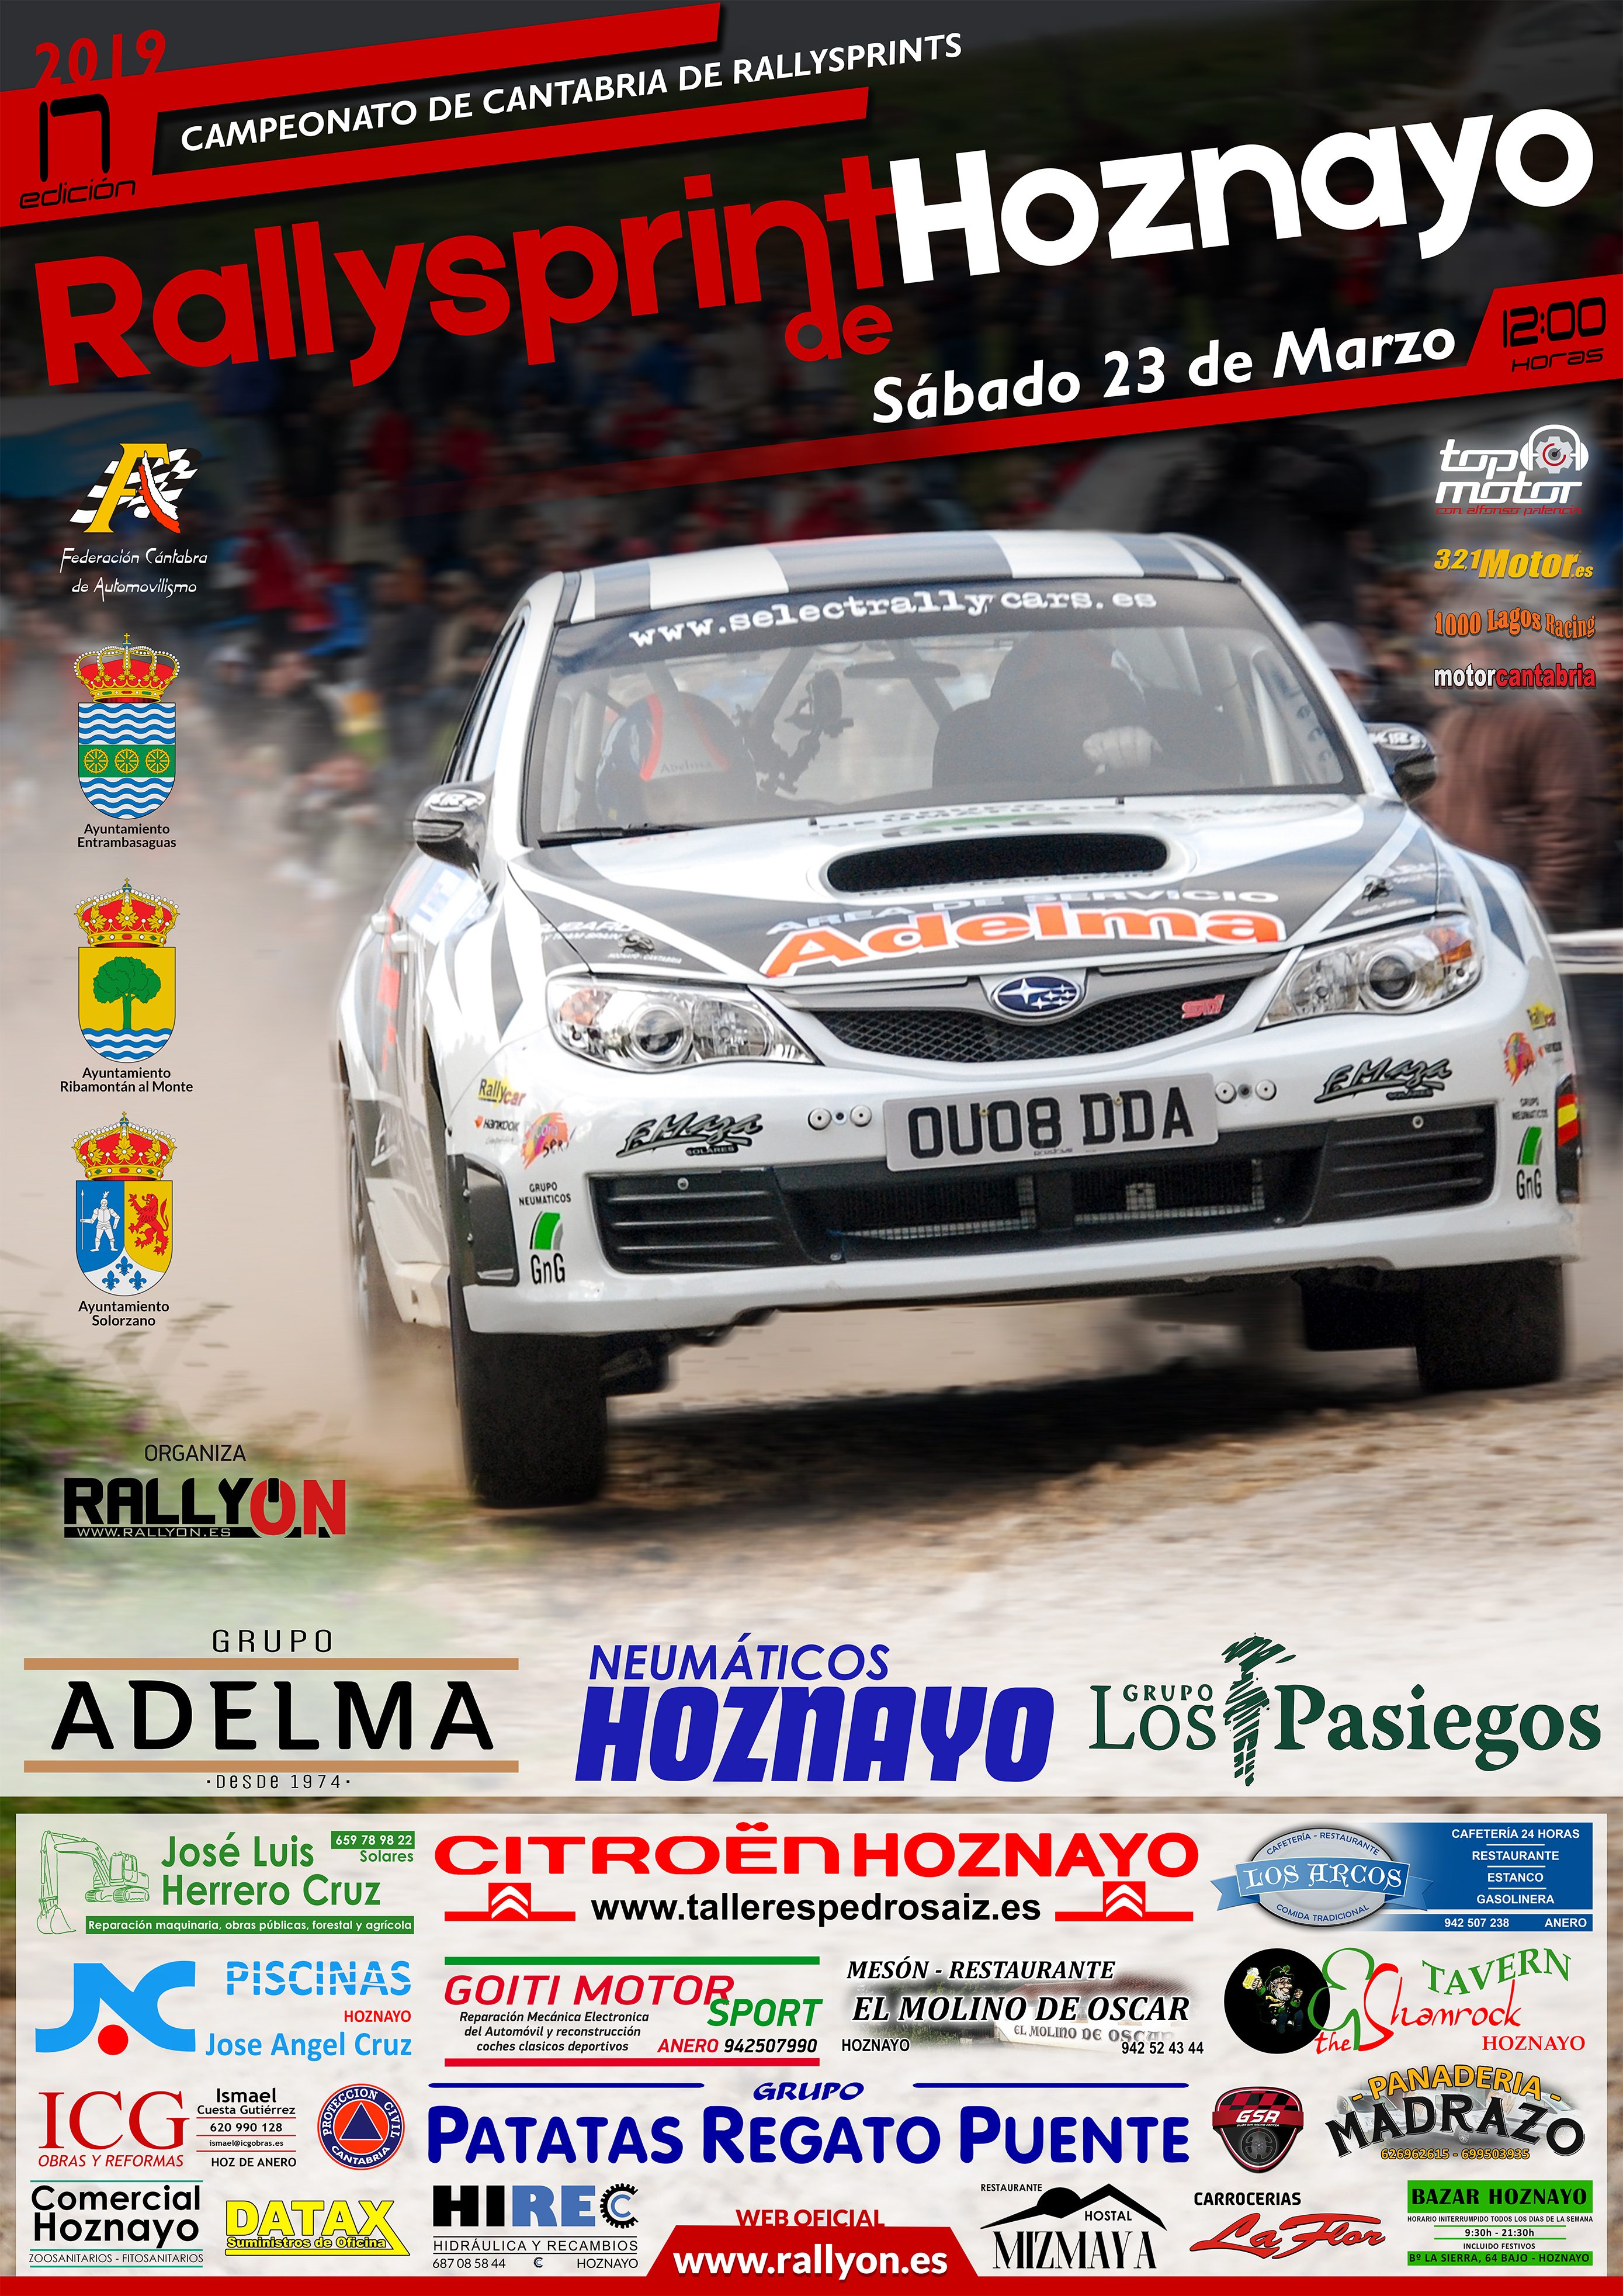 Campeonatos Regionales 2019: Información y novedades - Página 8 Cartel_oficial